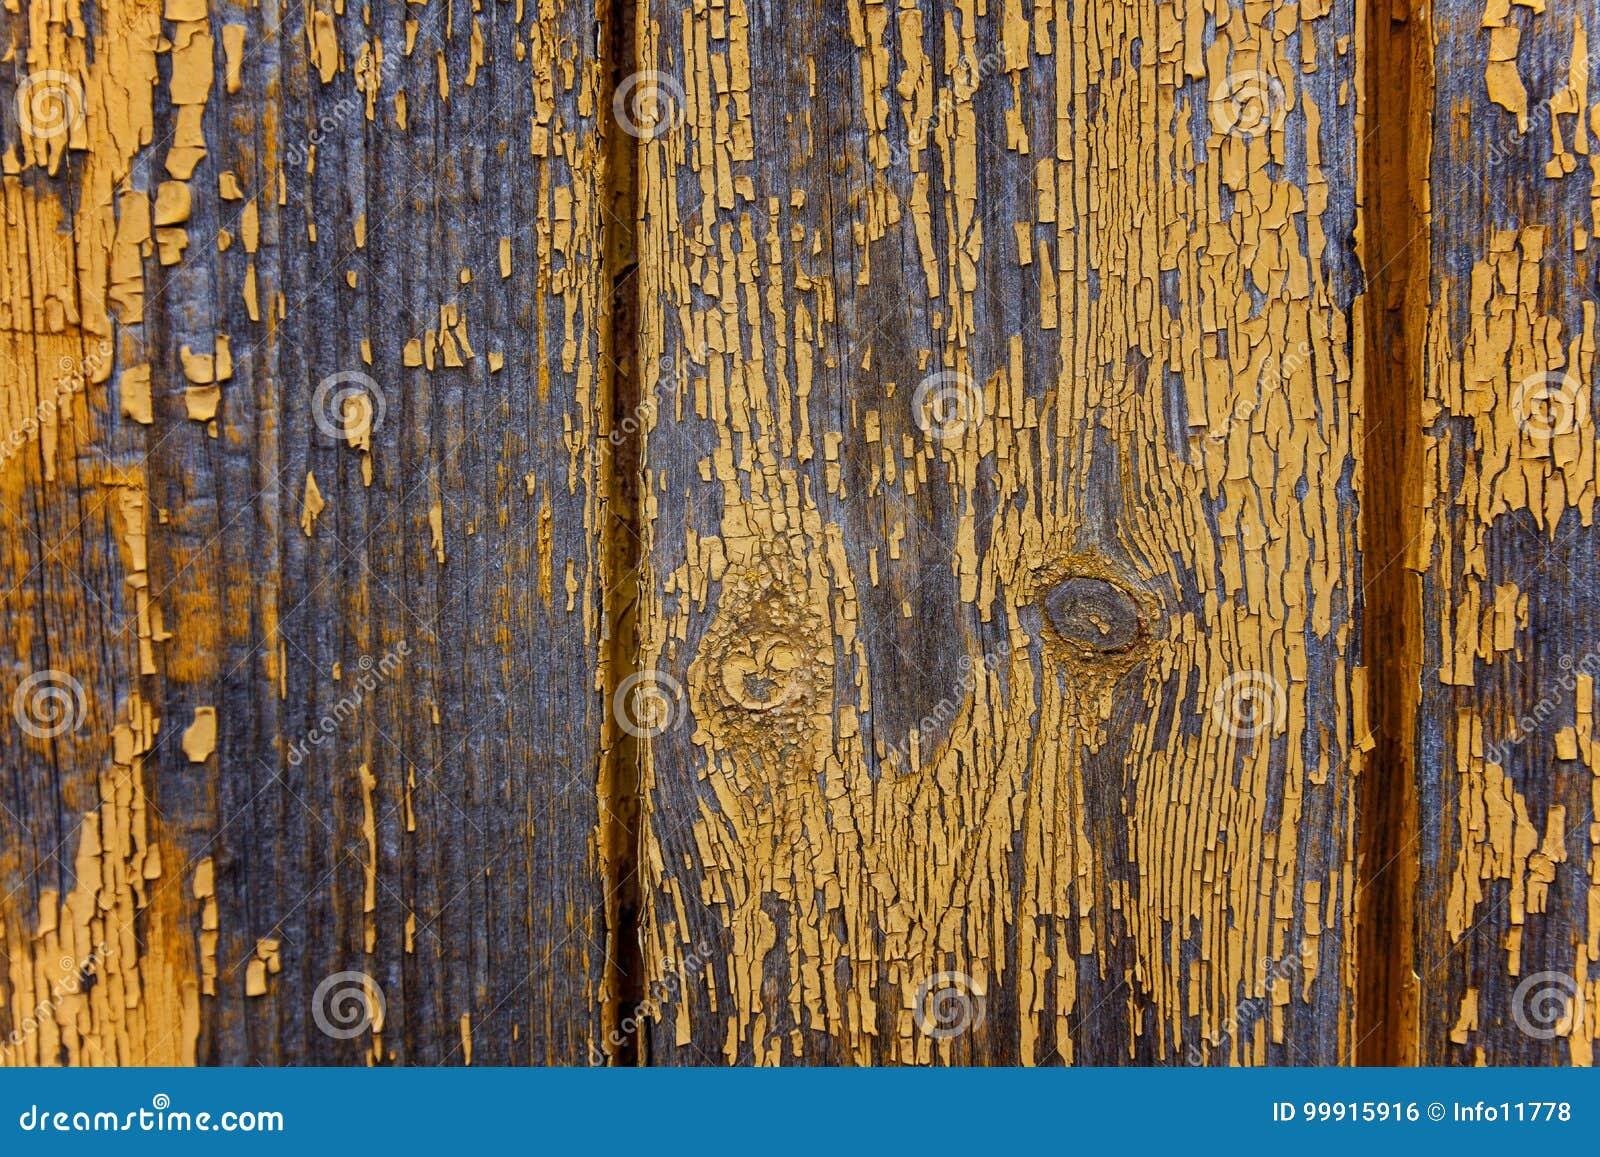 Bakgrund från en träsjaskig planka